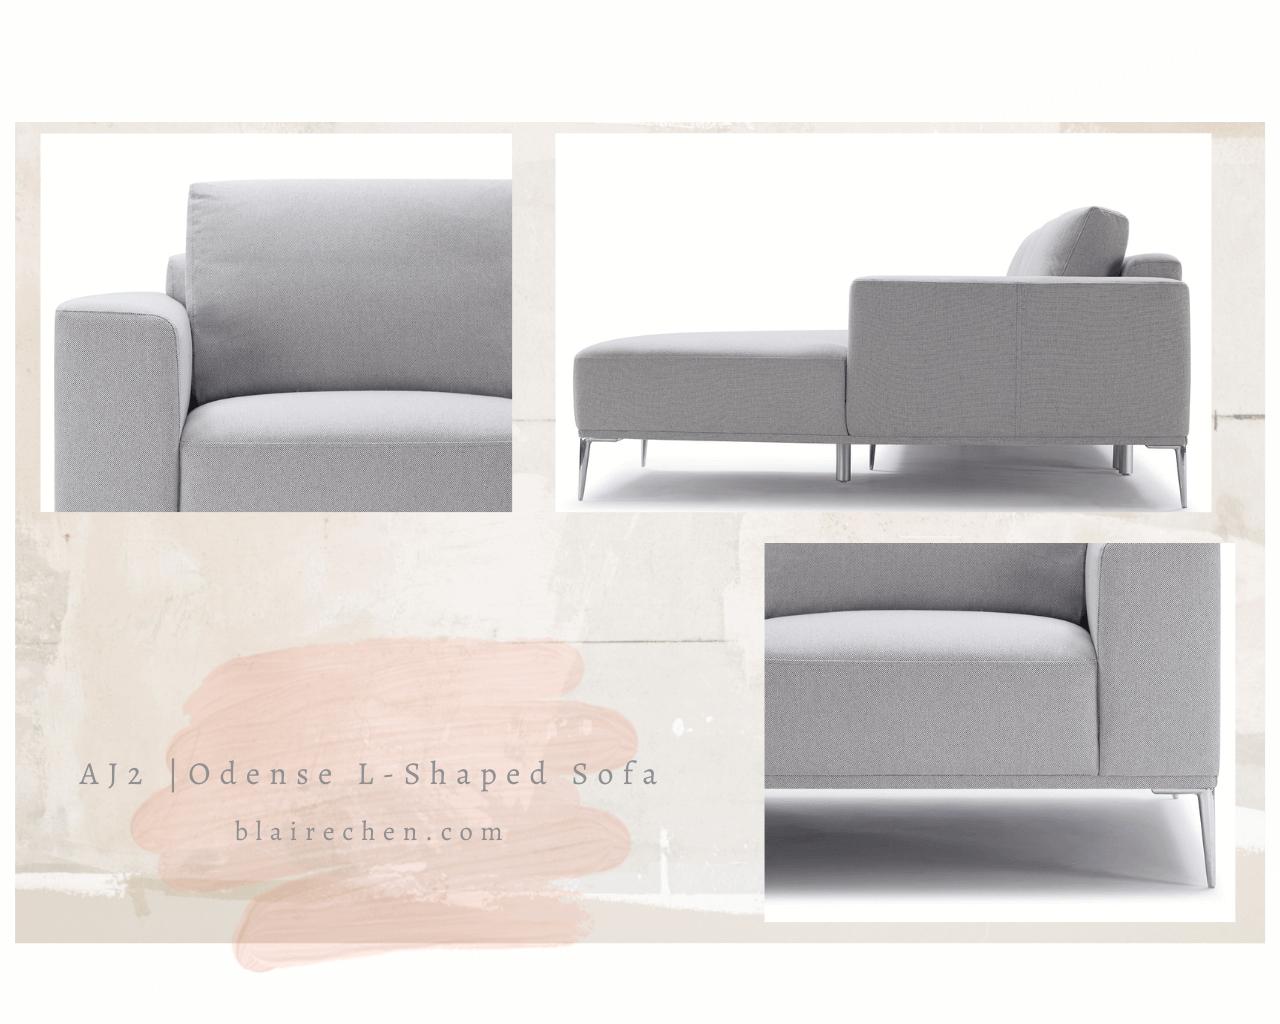 我工作室的靈魂擺設!AJ2 最有人情味的北歐沙發,不只設計感滿分、更有愛家人的溫度!